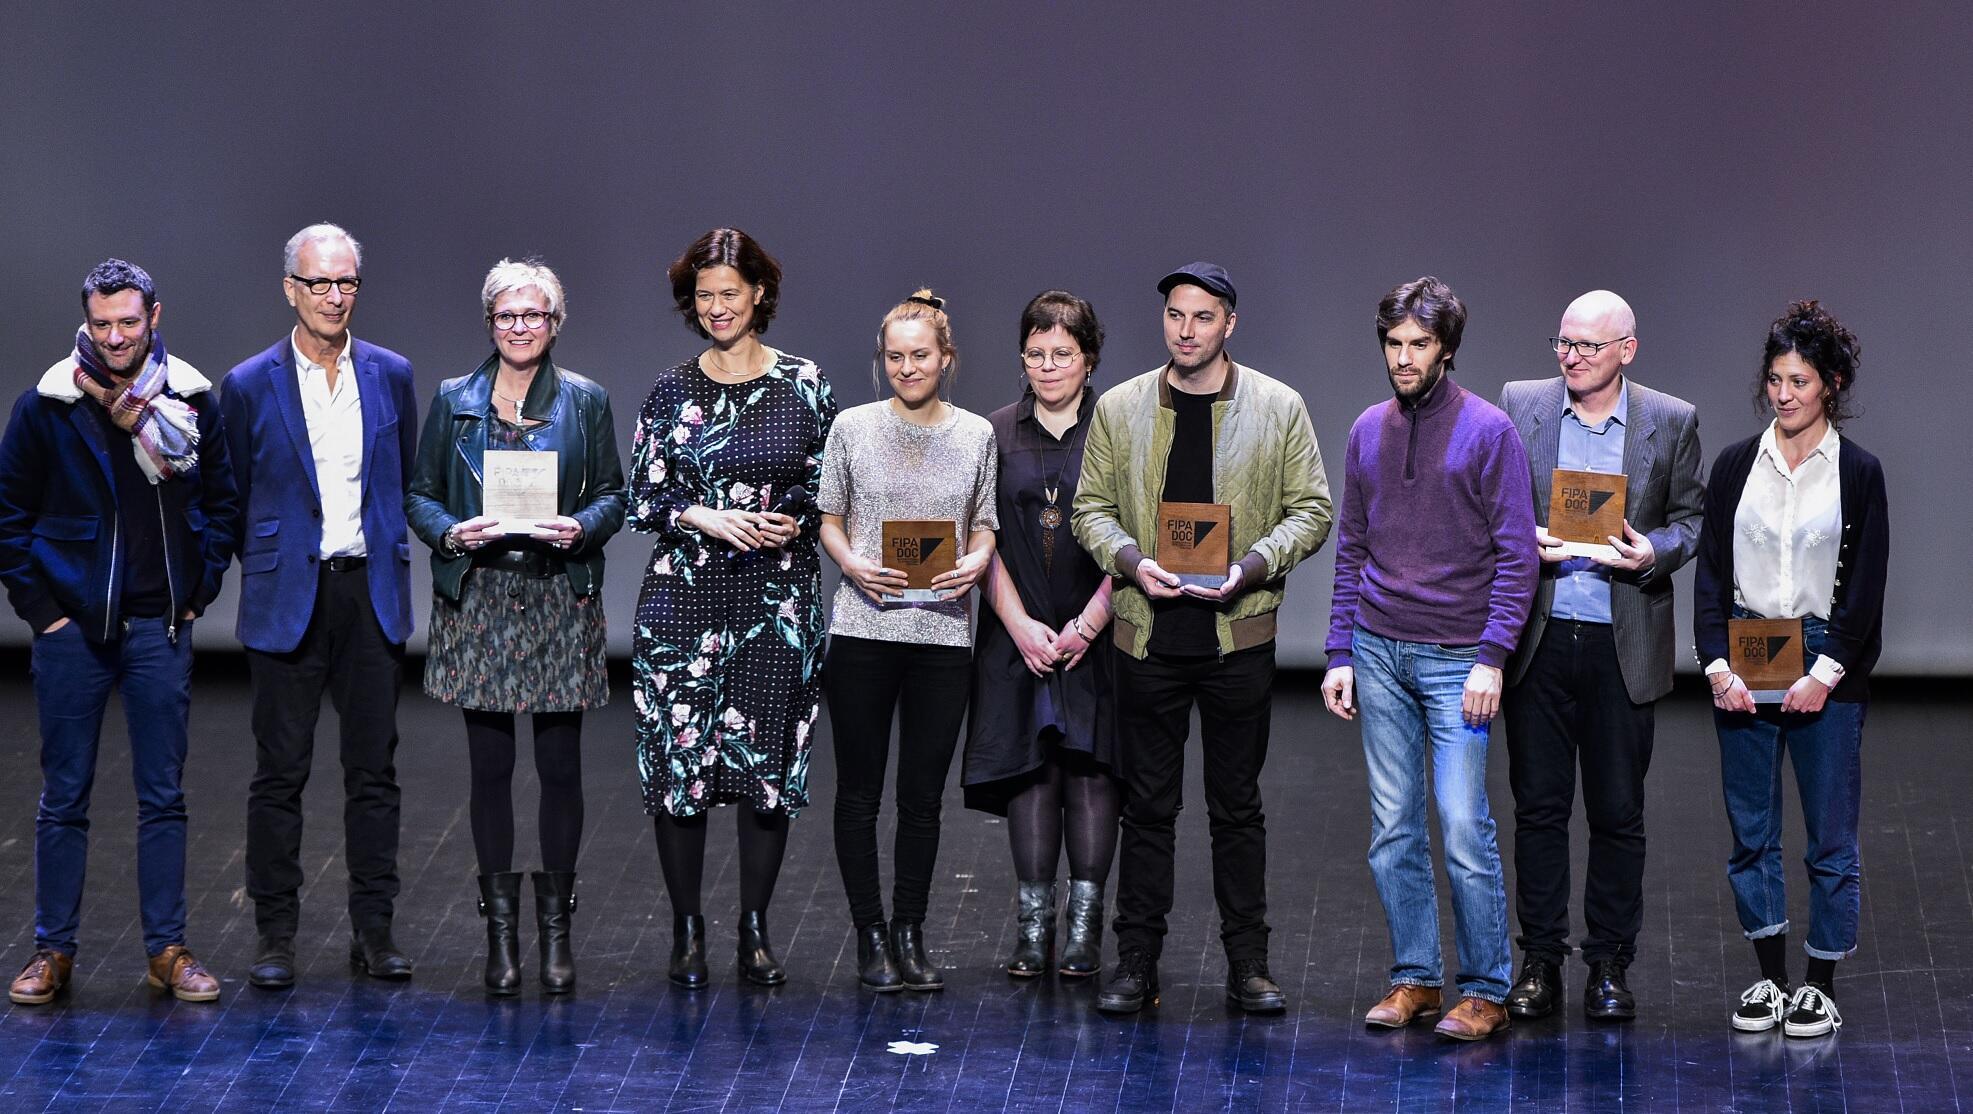 Fipadoc 2019 awards recipients, 26 January 2019, Biarritz